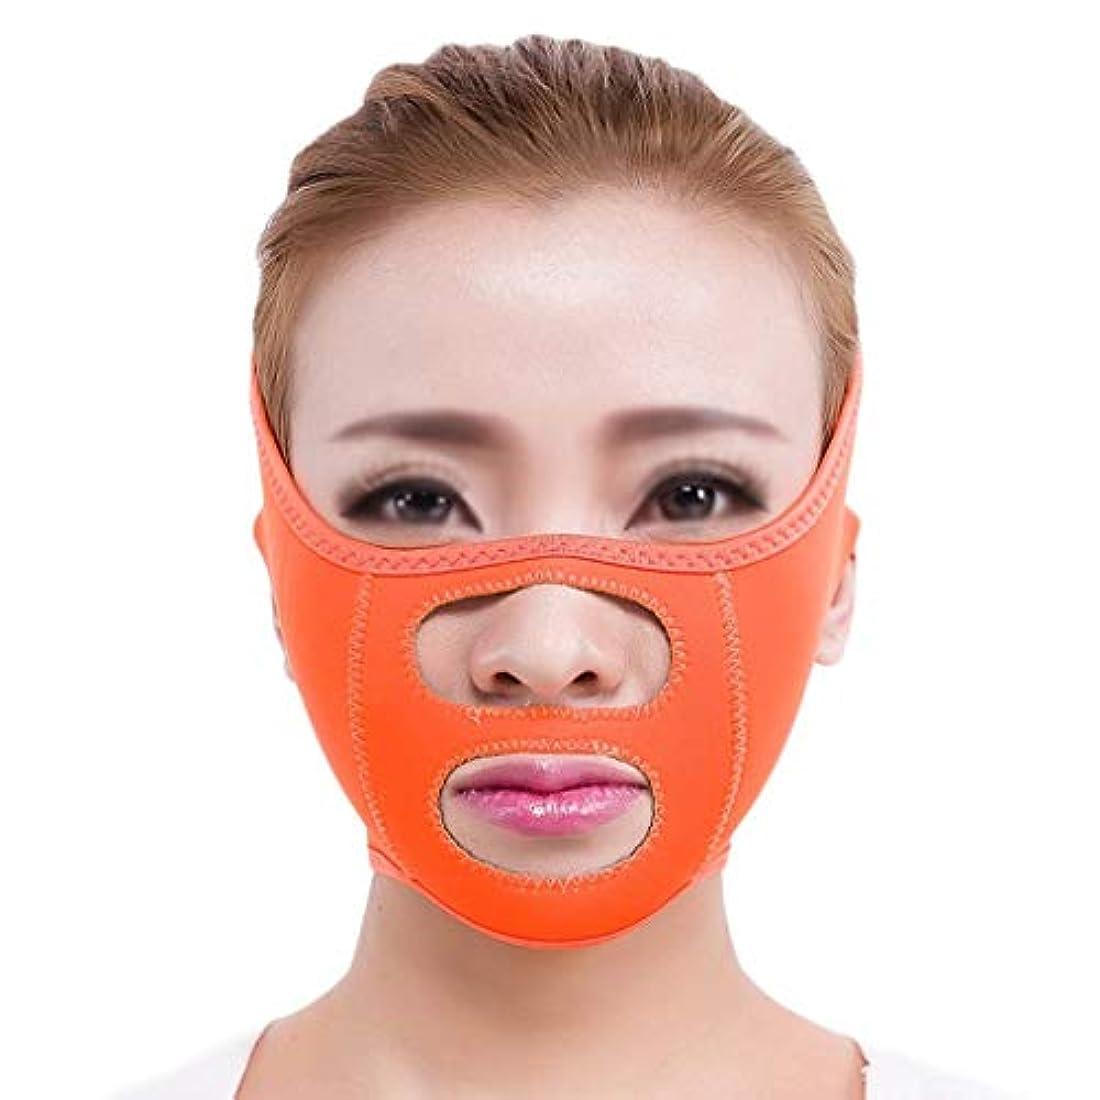 フラフープサイレントジャーナリストチンストラップ、フェイスリフティングマスク、ダブルチン、フェイスリフティングに最適、リフティングフェイシャルスキン、フェイシャル減量マスク、フェイスリフティングベルト(フリーサイズ)(カラー:ブルー),オレンジ